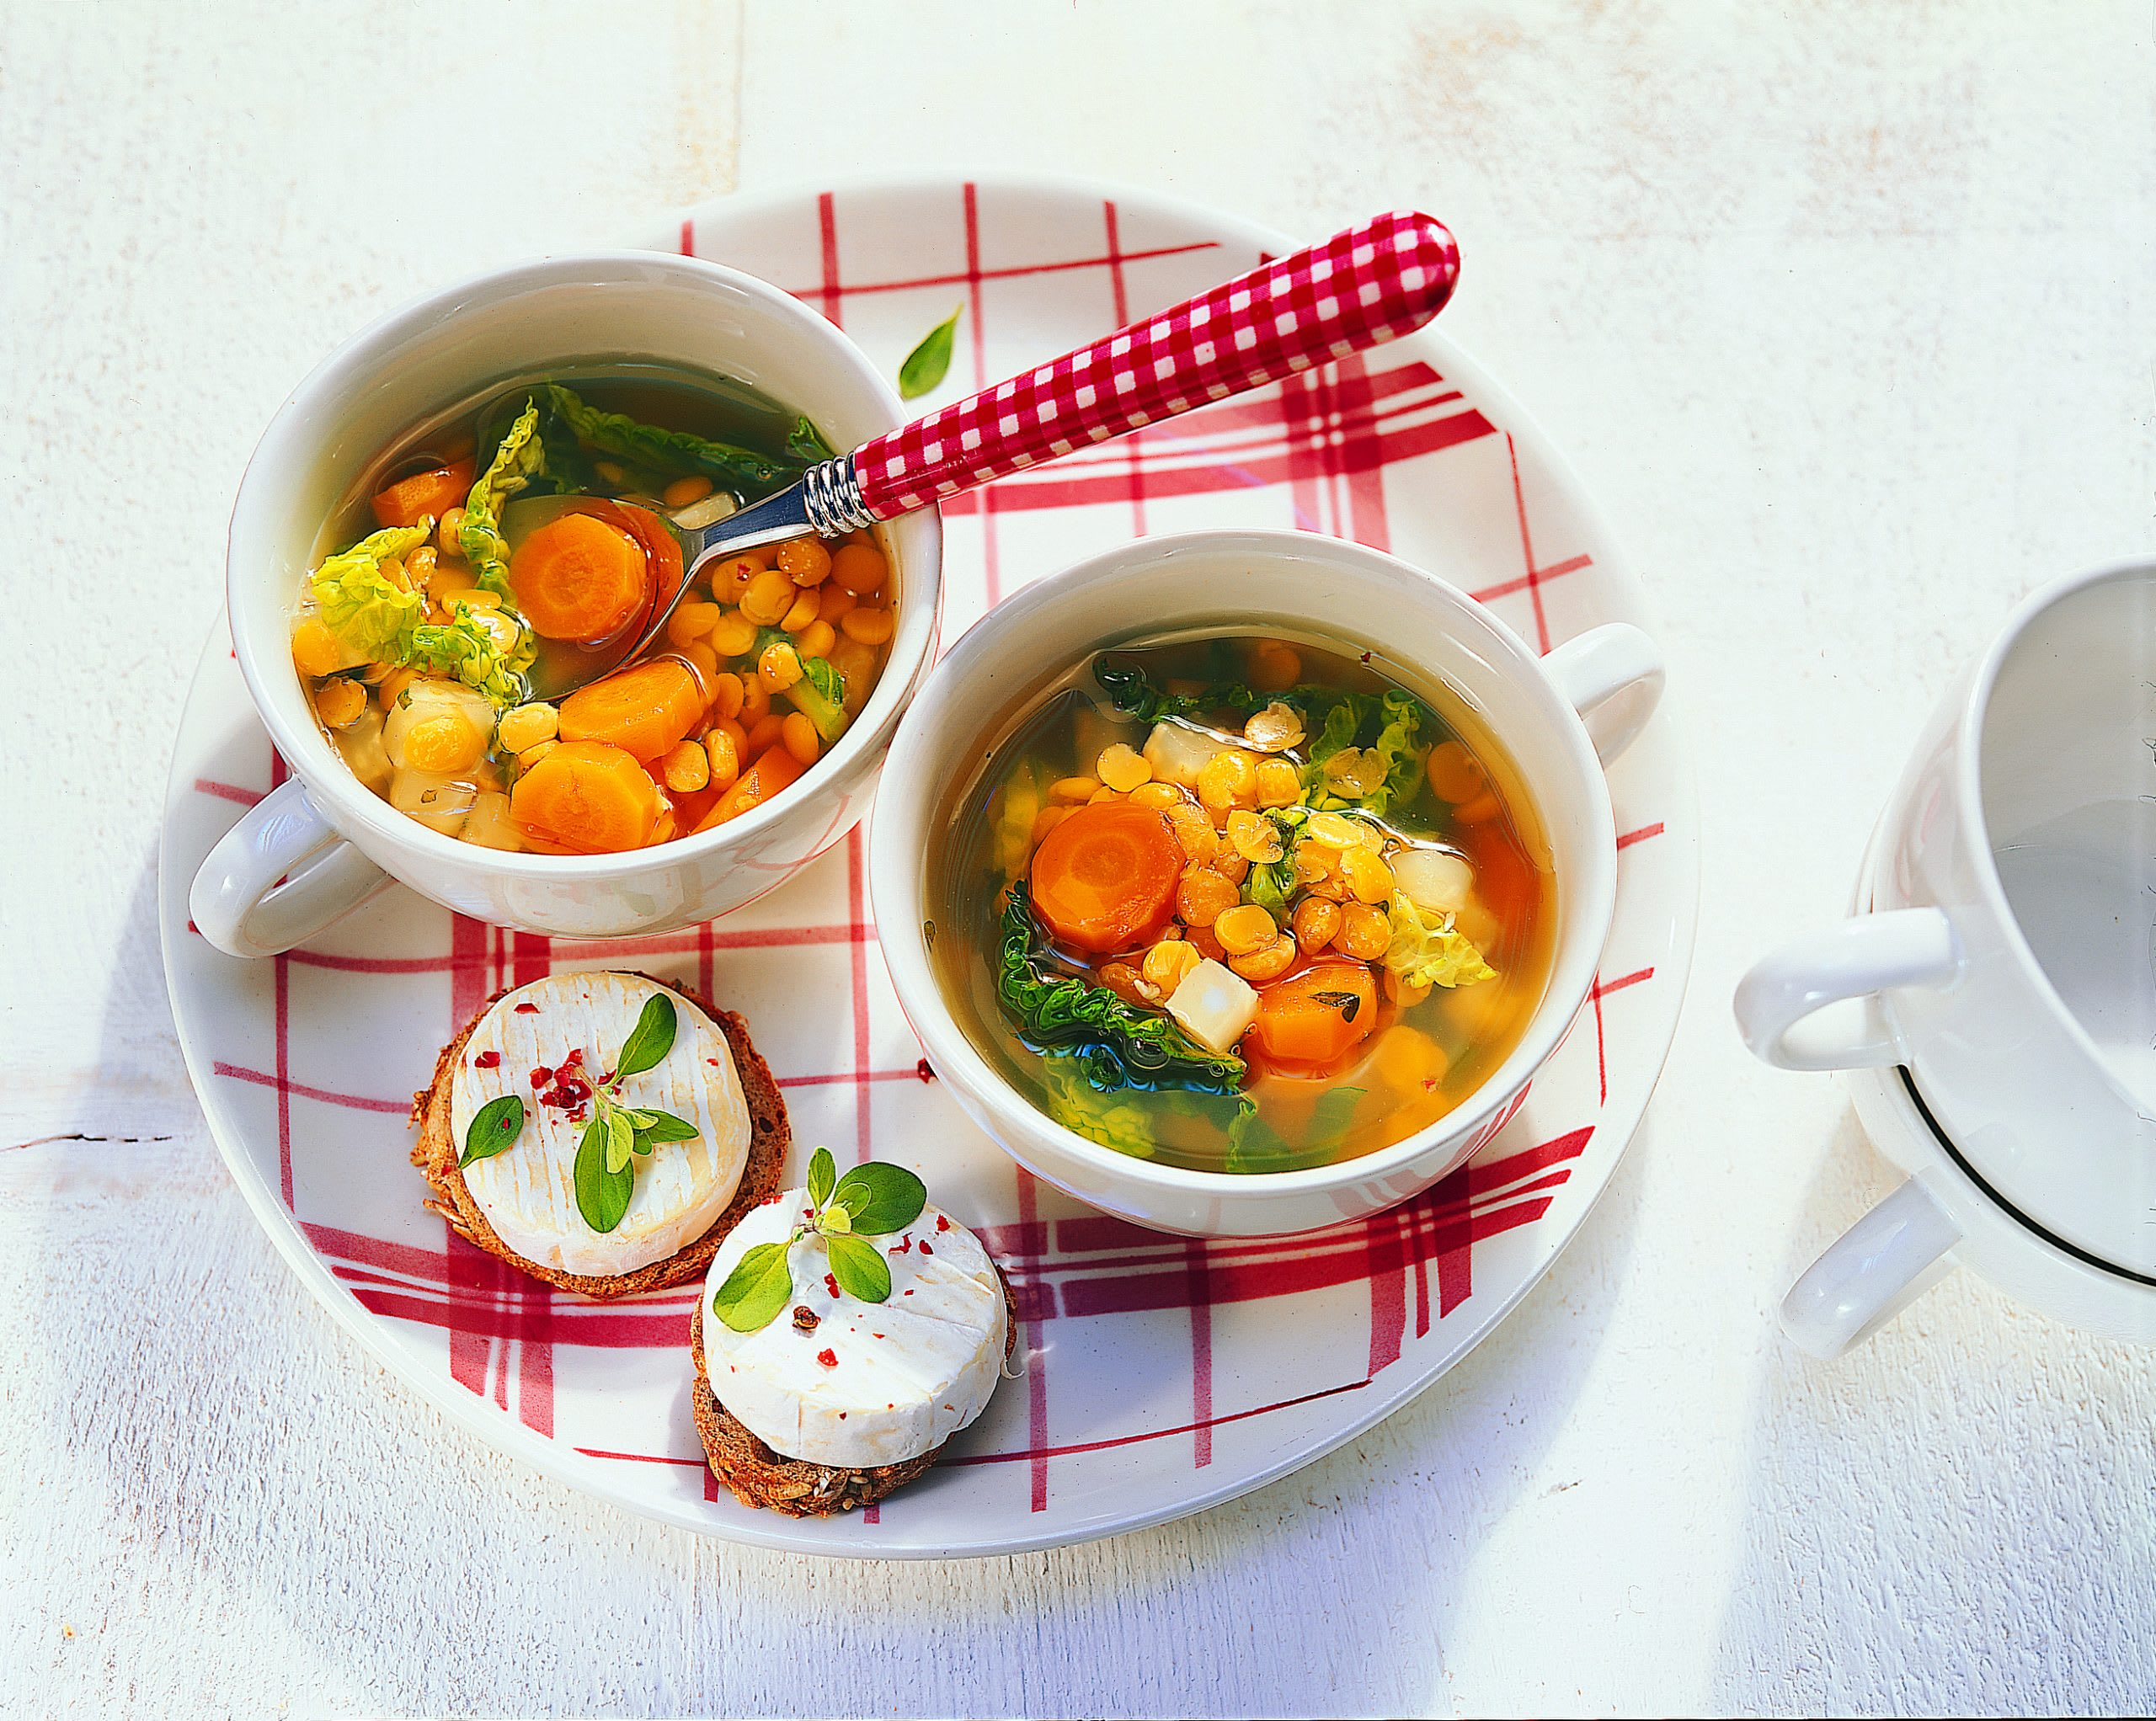 Gemüsesuppe mit gelben Erbsen und Mini-Käsebrötchen